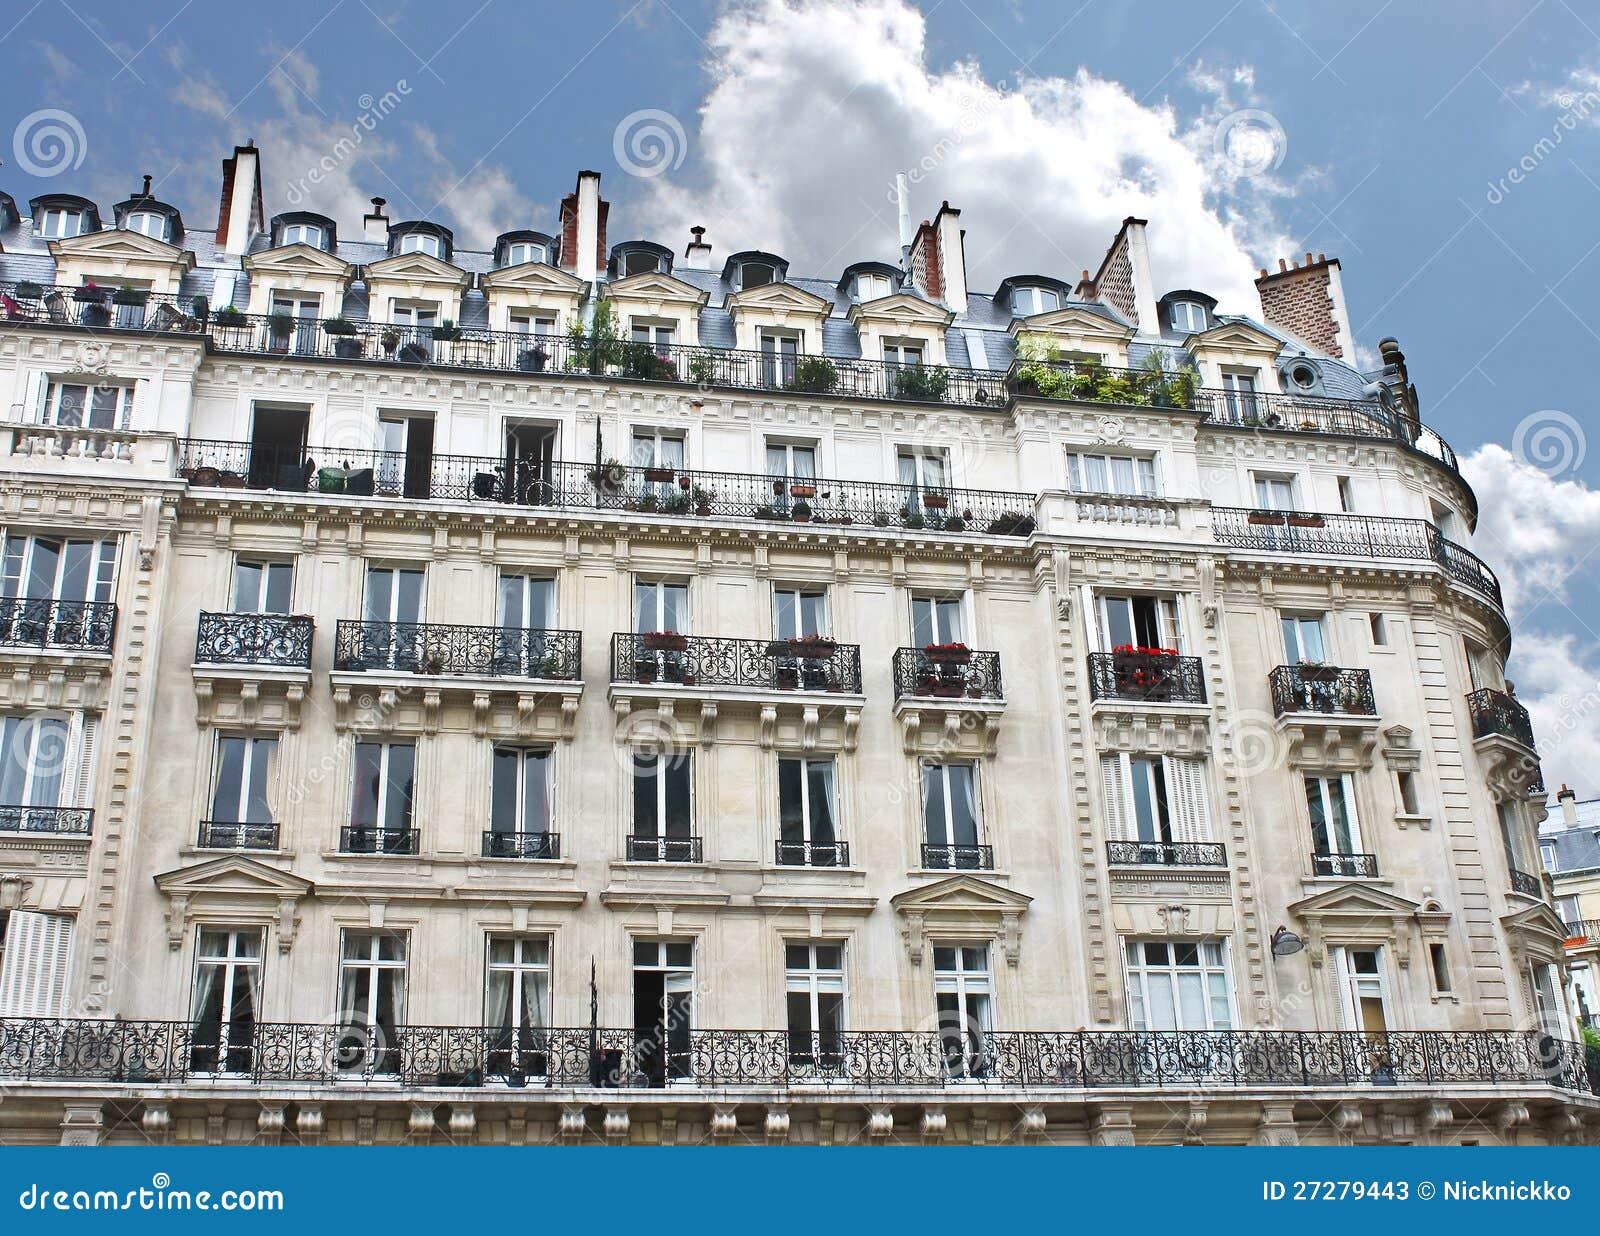 Facade Of A Traditional Building In Paris Stock Photos